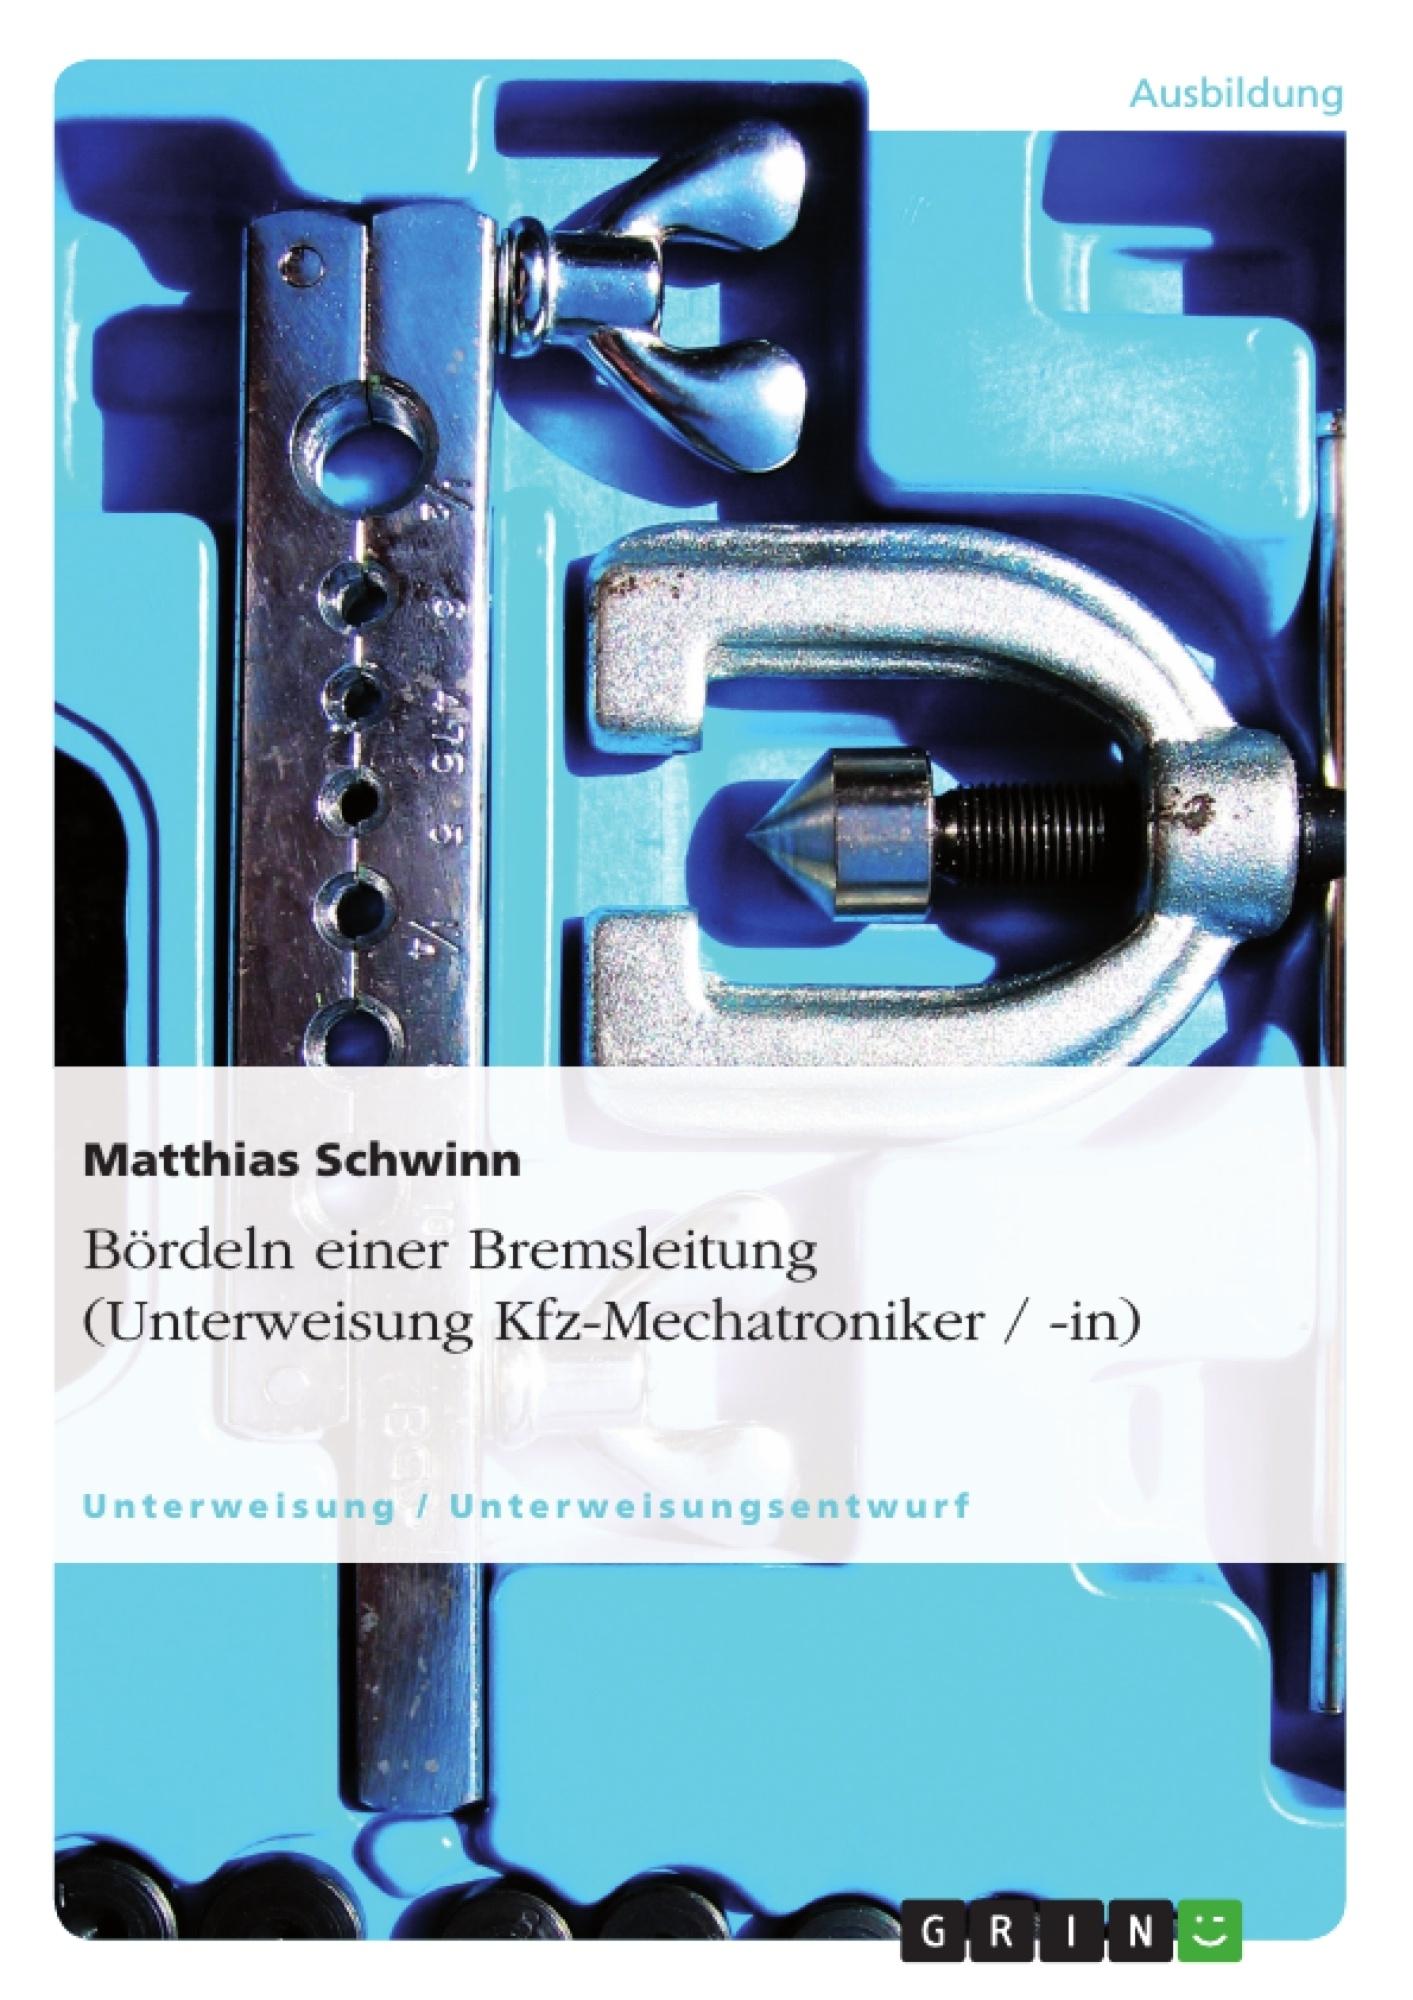 Titel: Bördeln einer Bremsleitung (Unterweisung Kfz-Mechatroniker / -in)